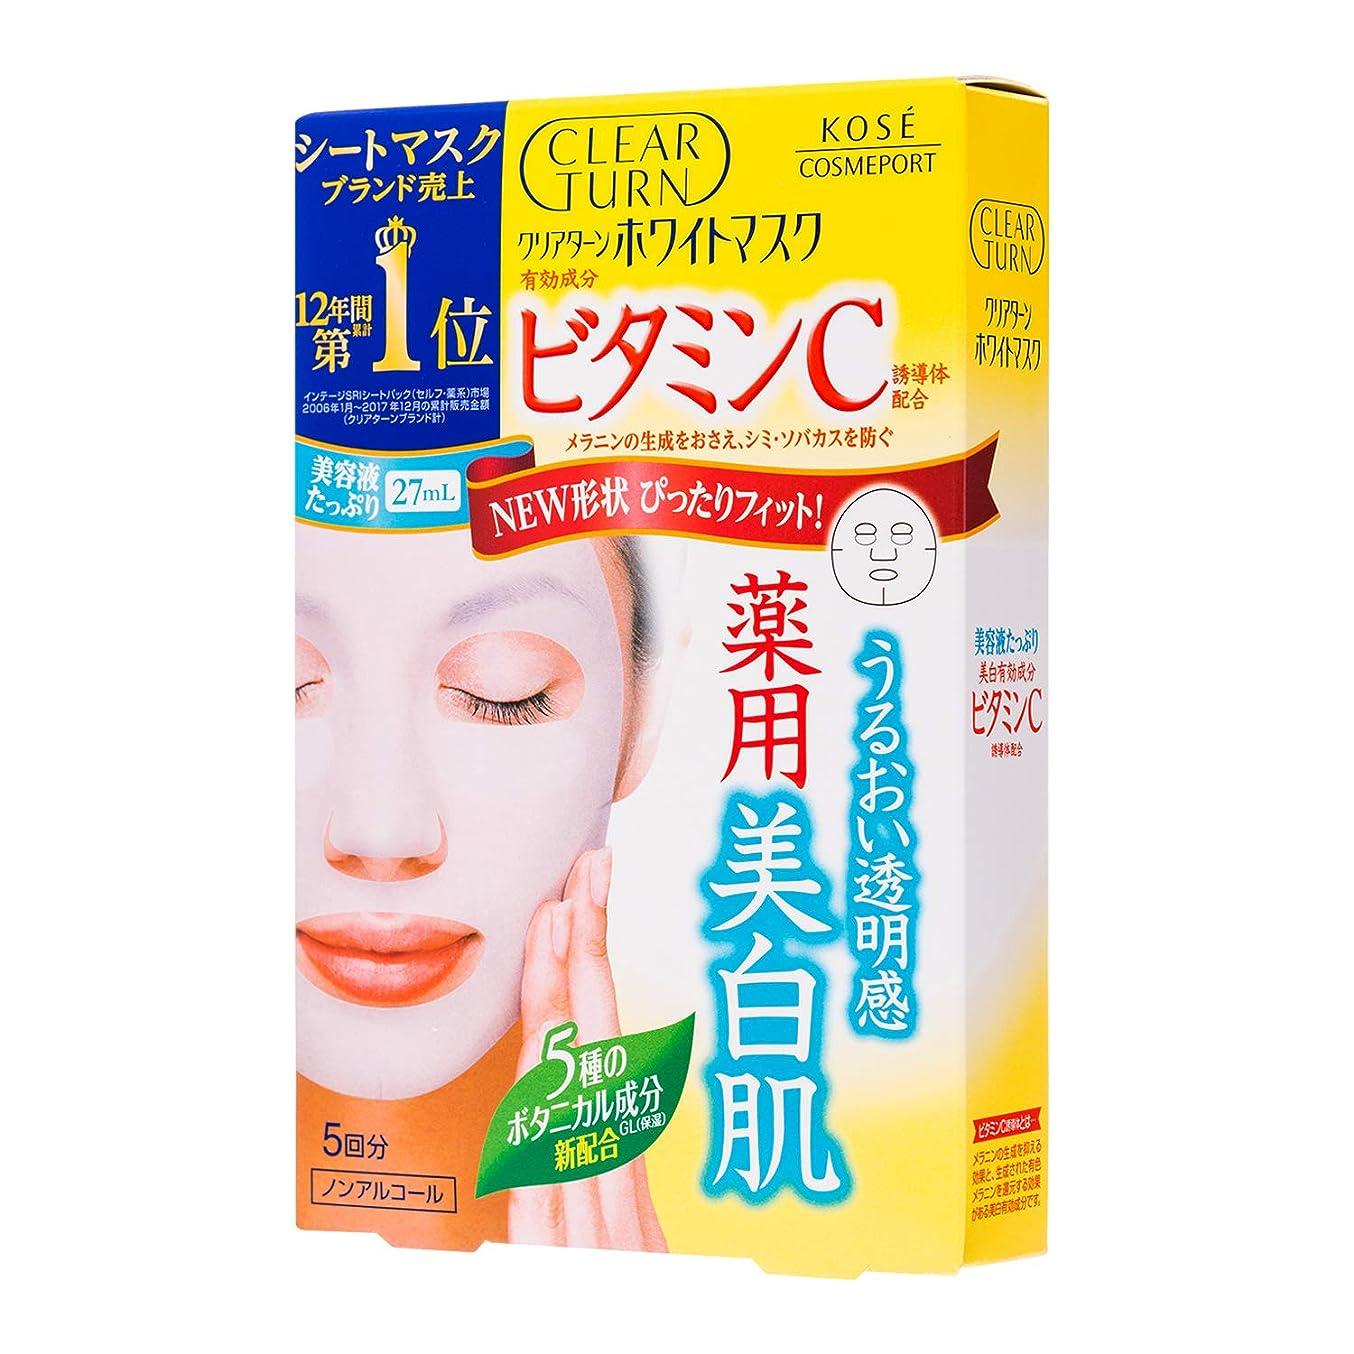 ライトニング確執カロリーKOSE コーセー クリアターン ホワイト マスク VC (ビタミンC) 5枚 フェイスマスク